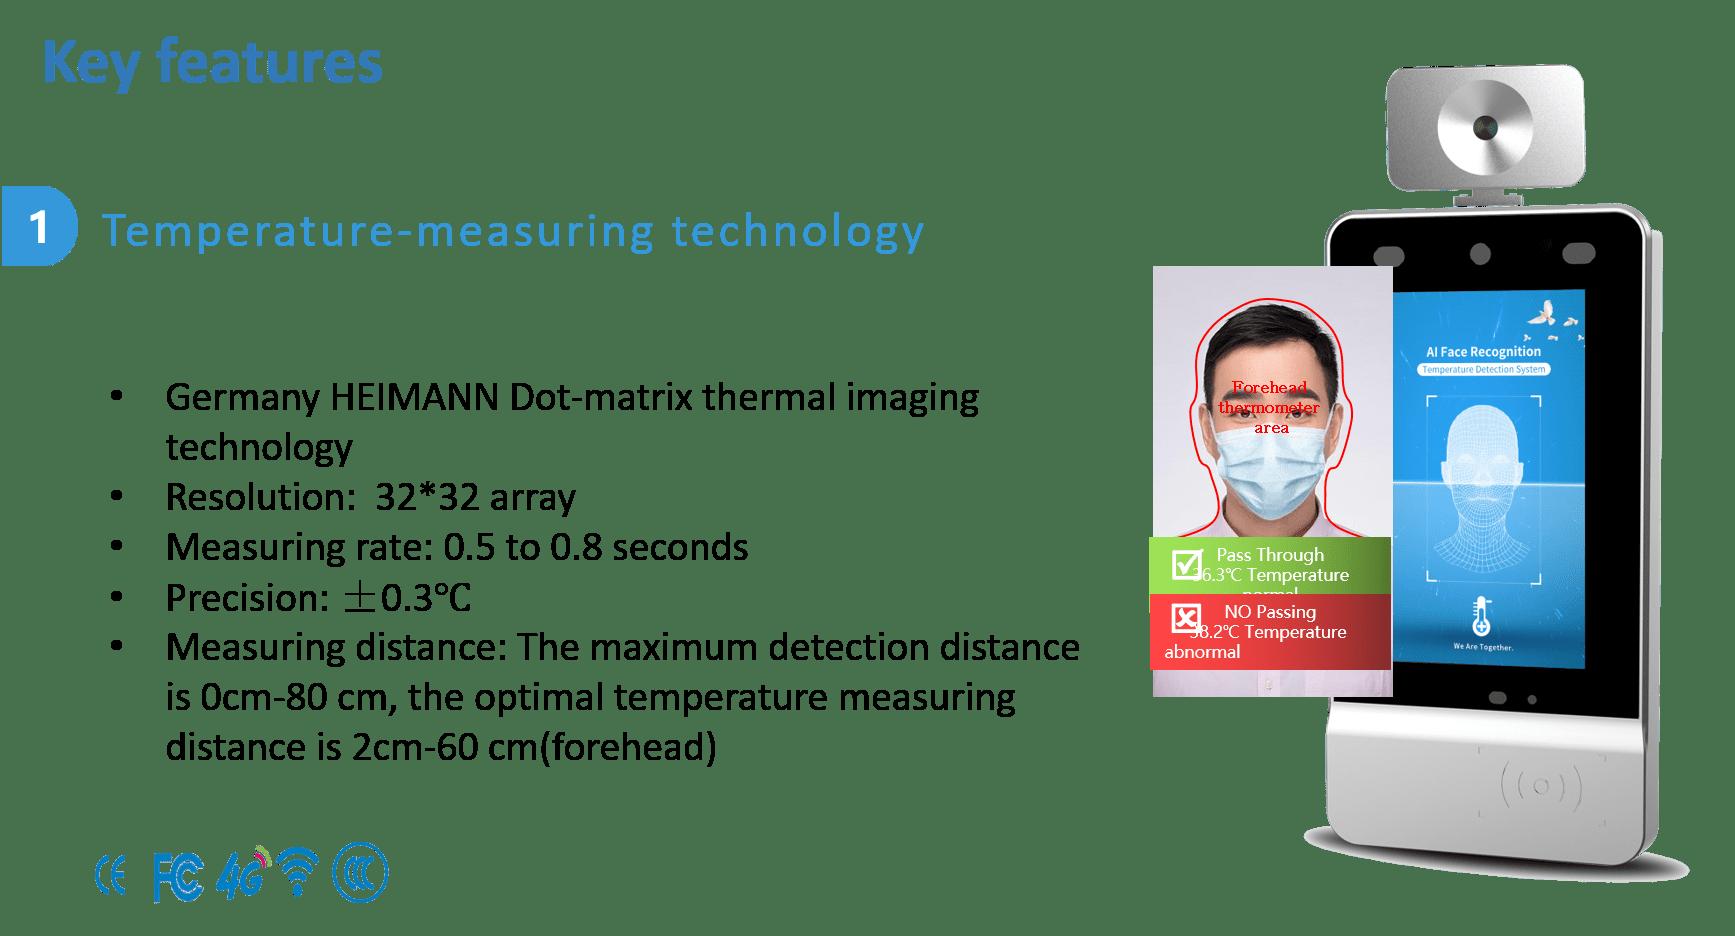 Temperature measuring